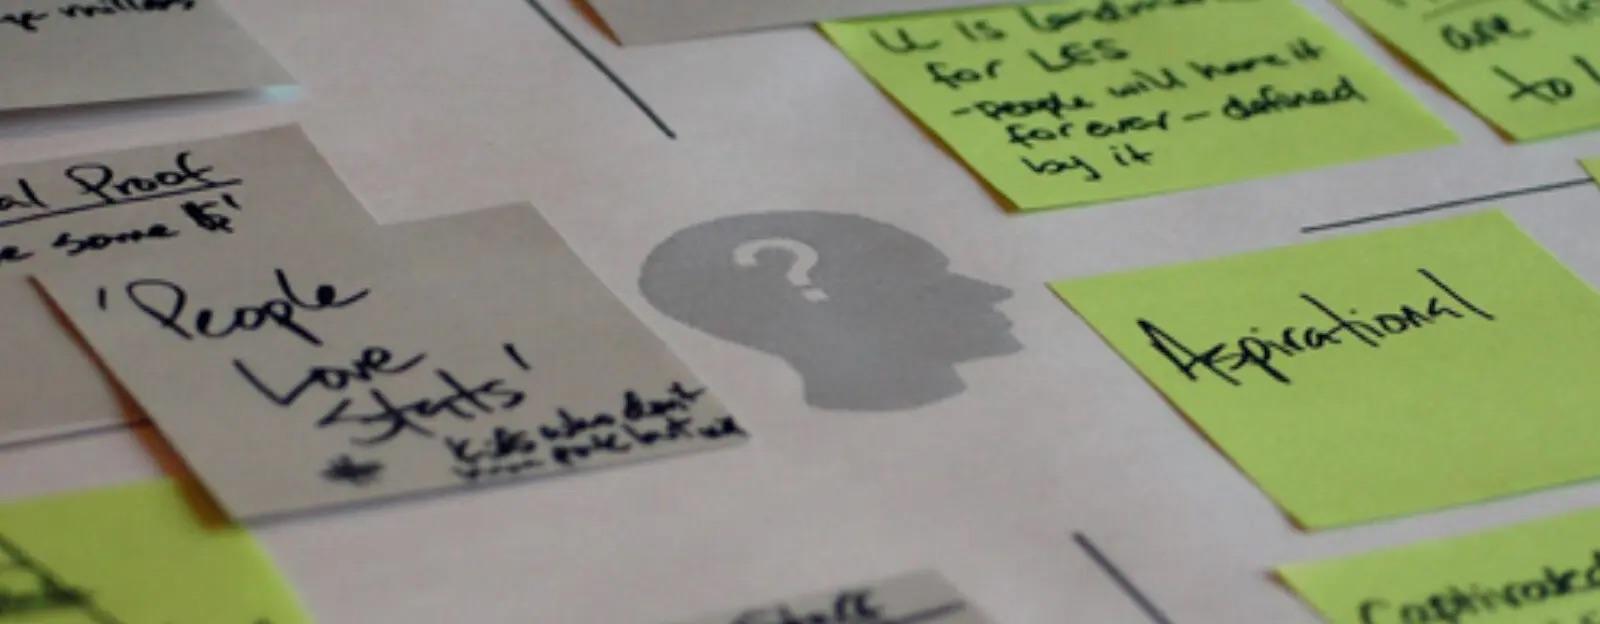 Müşteri Empati Haritası Nedir, Nasıl Oluşturulur?